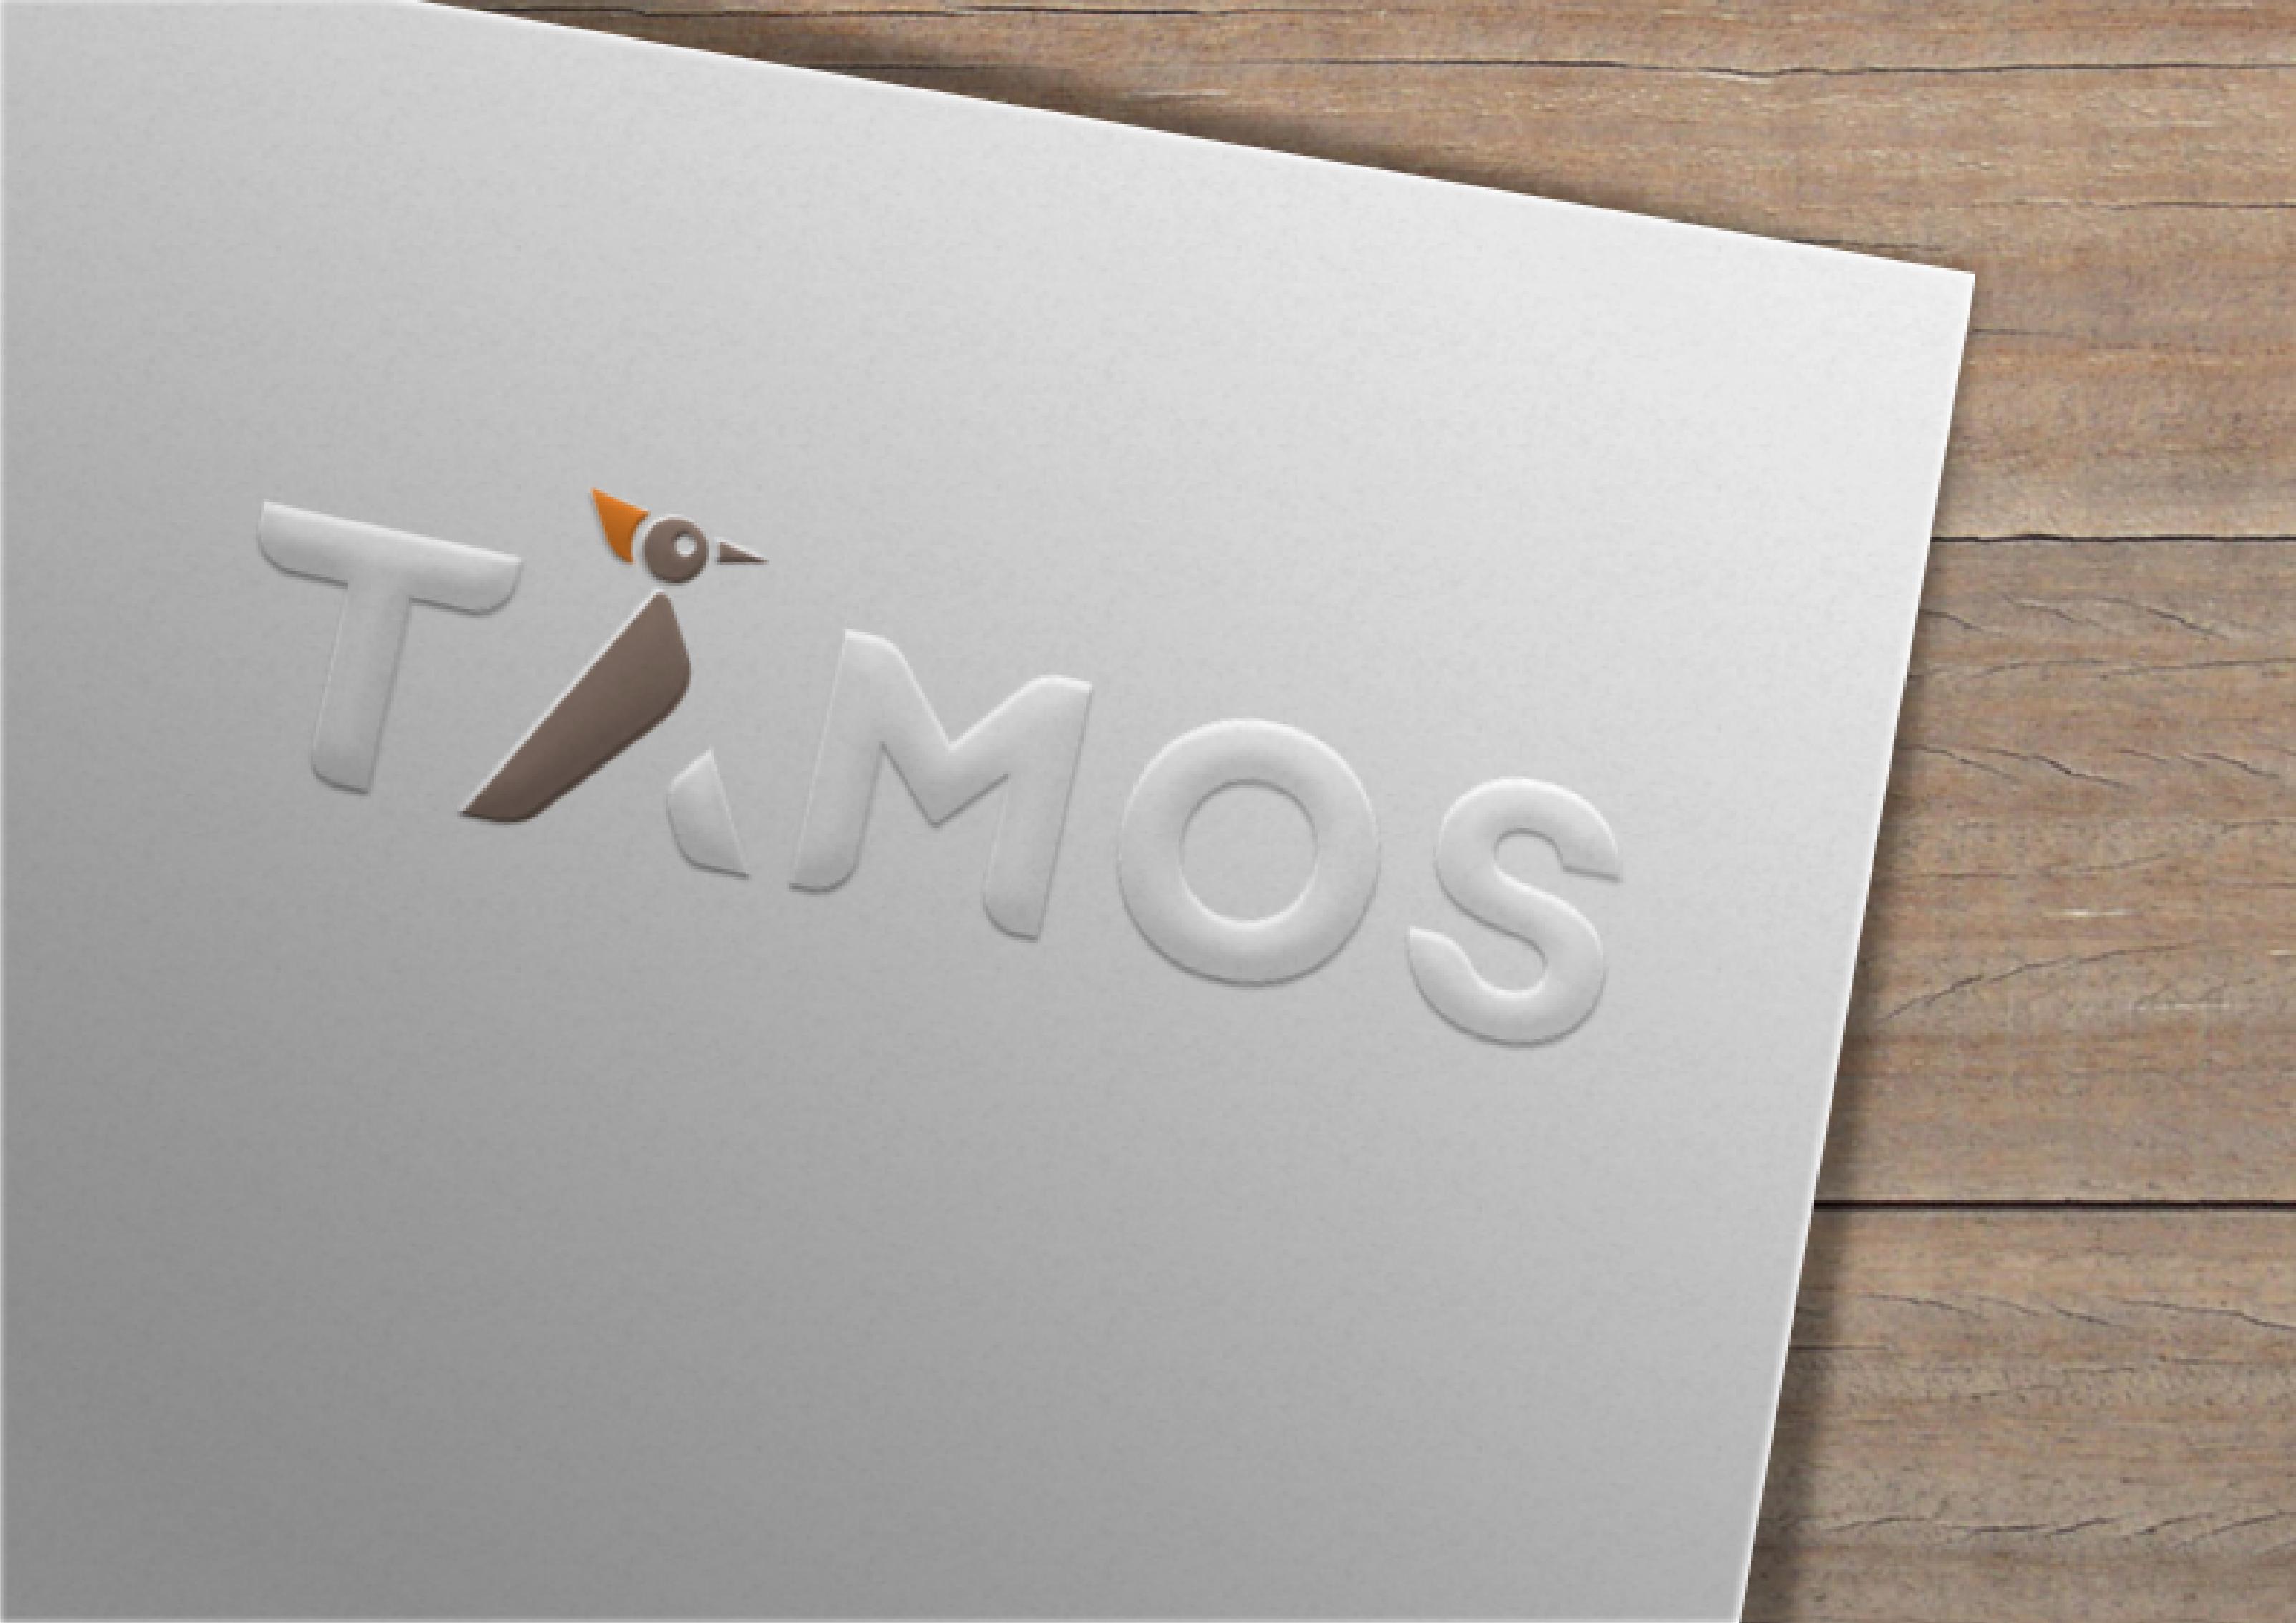 tamos logo design